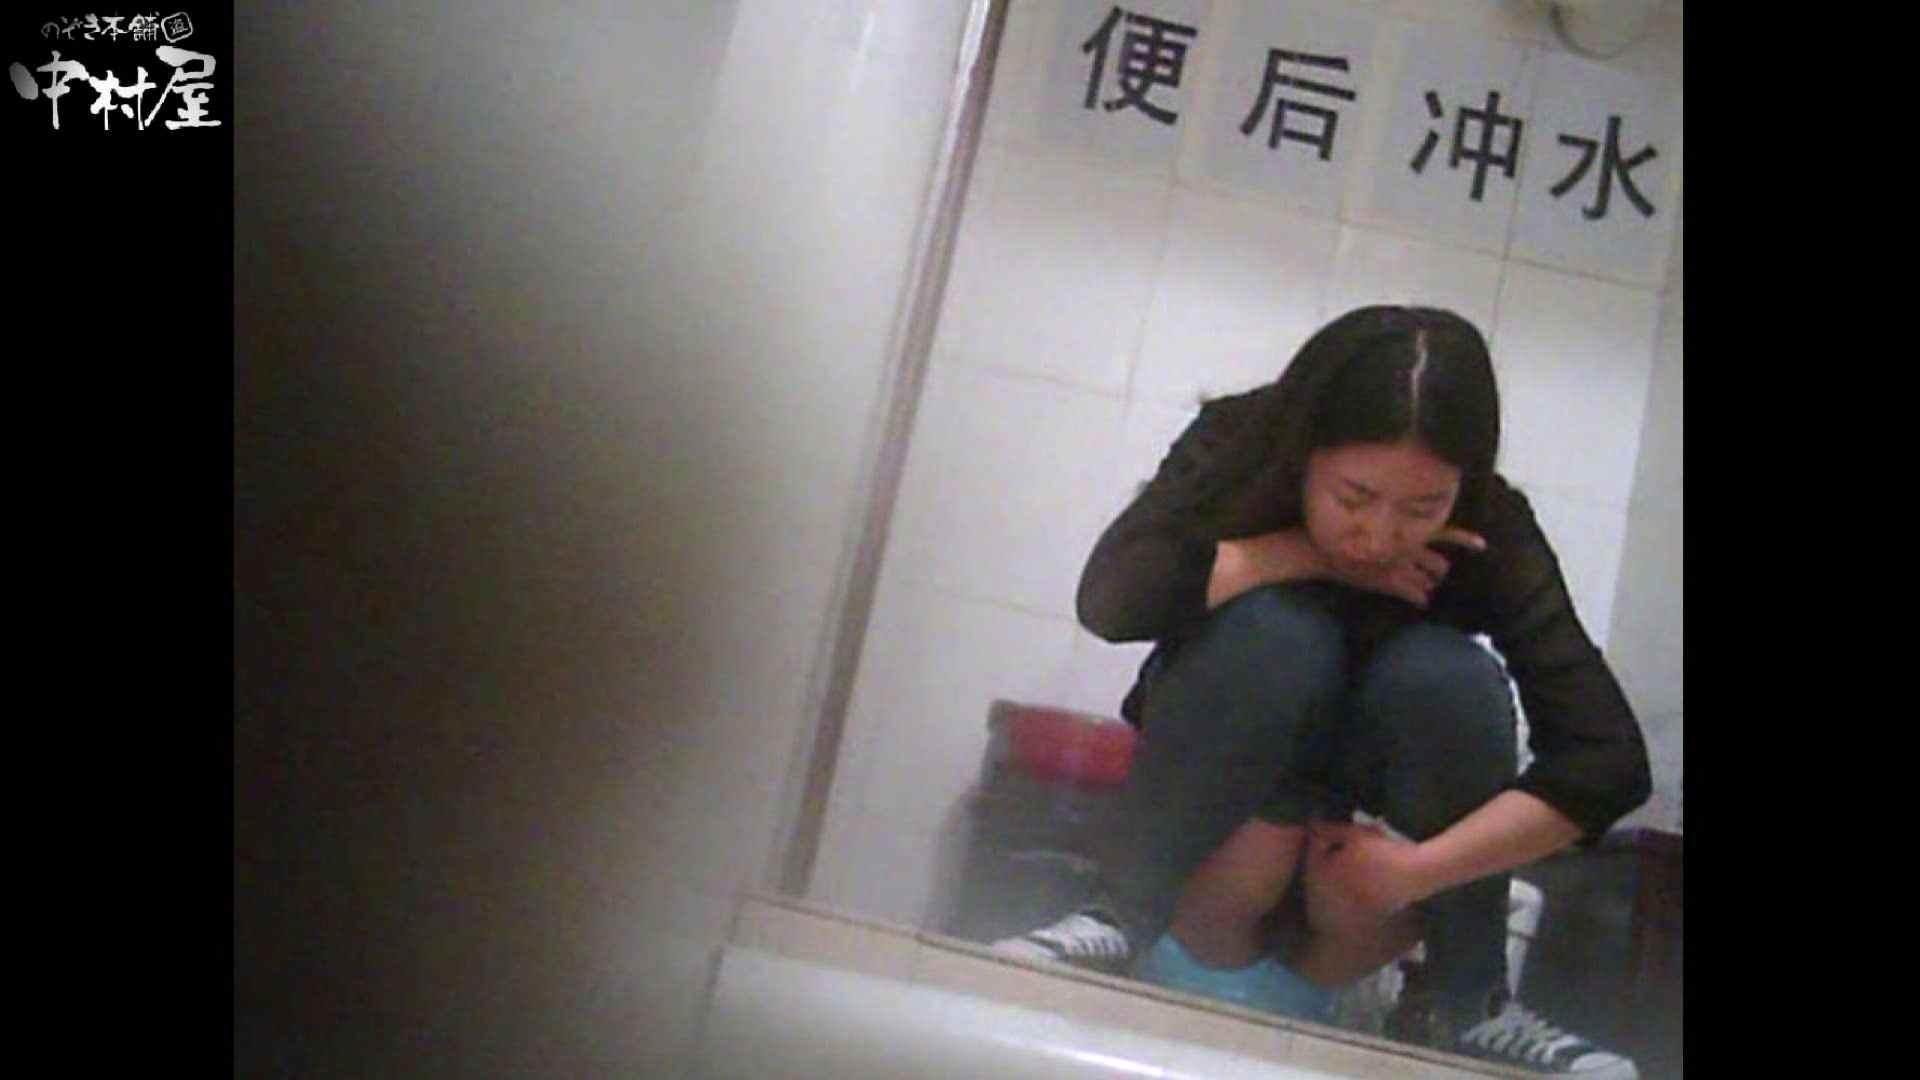 李さんの盗撮日記 Vol.07 女体盗撮 盗撮ヌード画像 76連発 43